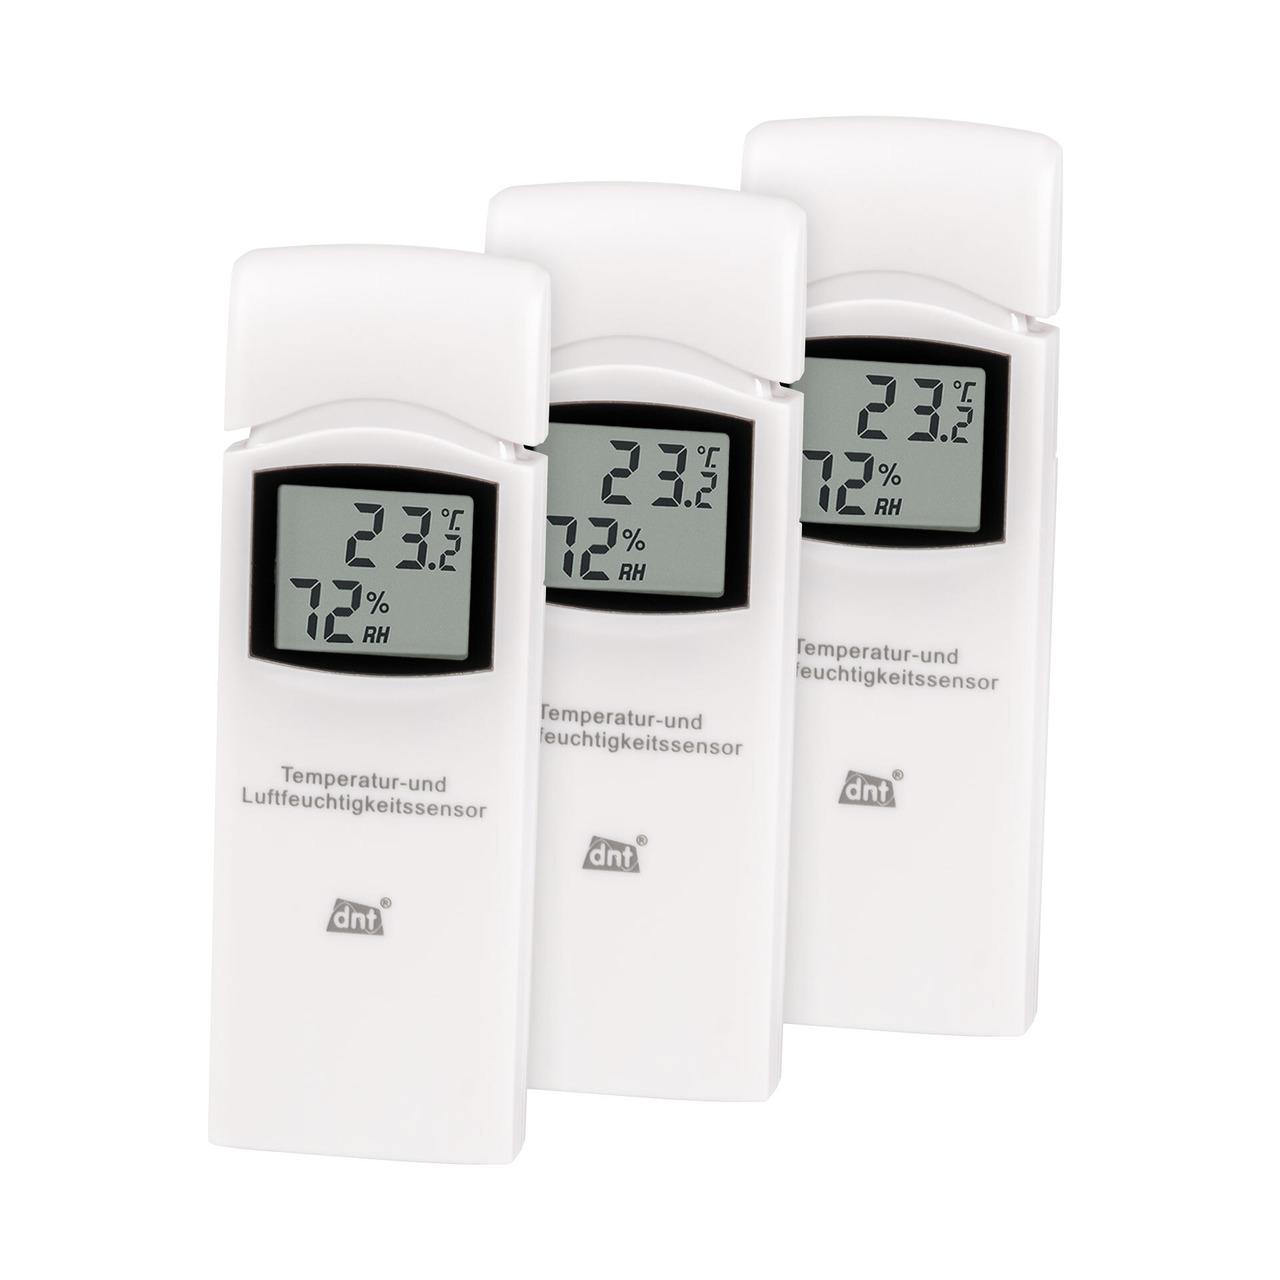 dnt 3er-Spar-Set Zusatz-Thermo-Hygrosensor DNT000005 für dnt RoomLogg PRO und dnt WeatherScreen PRO